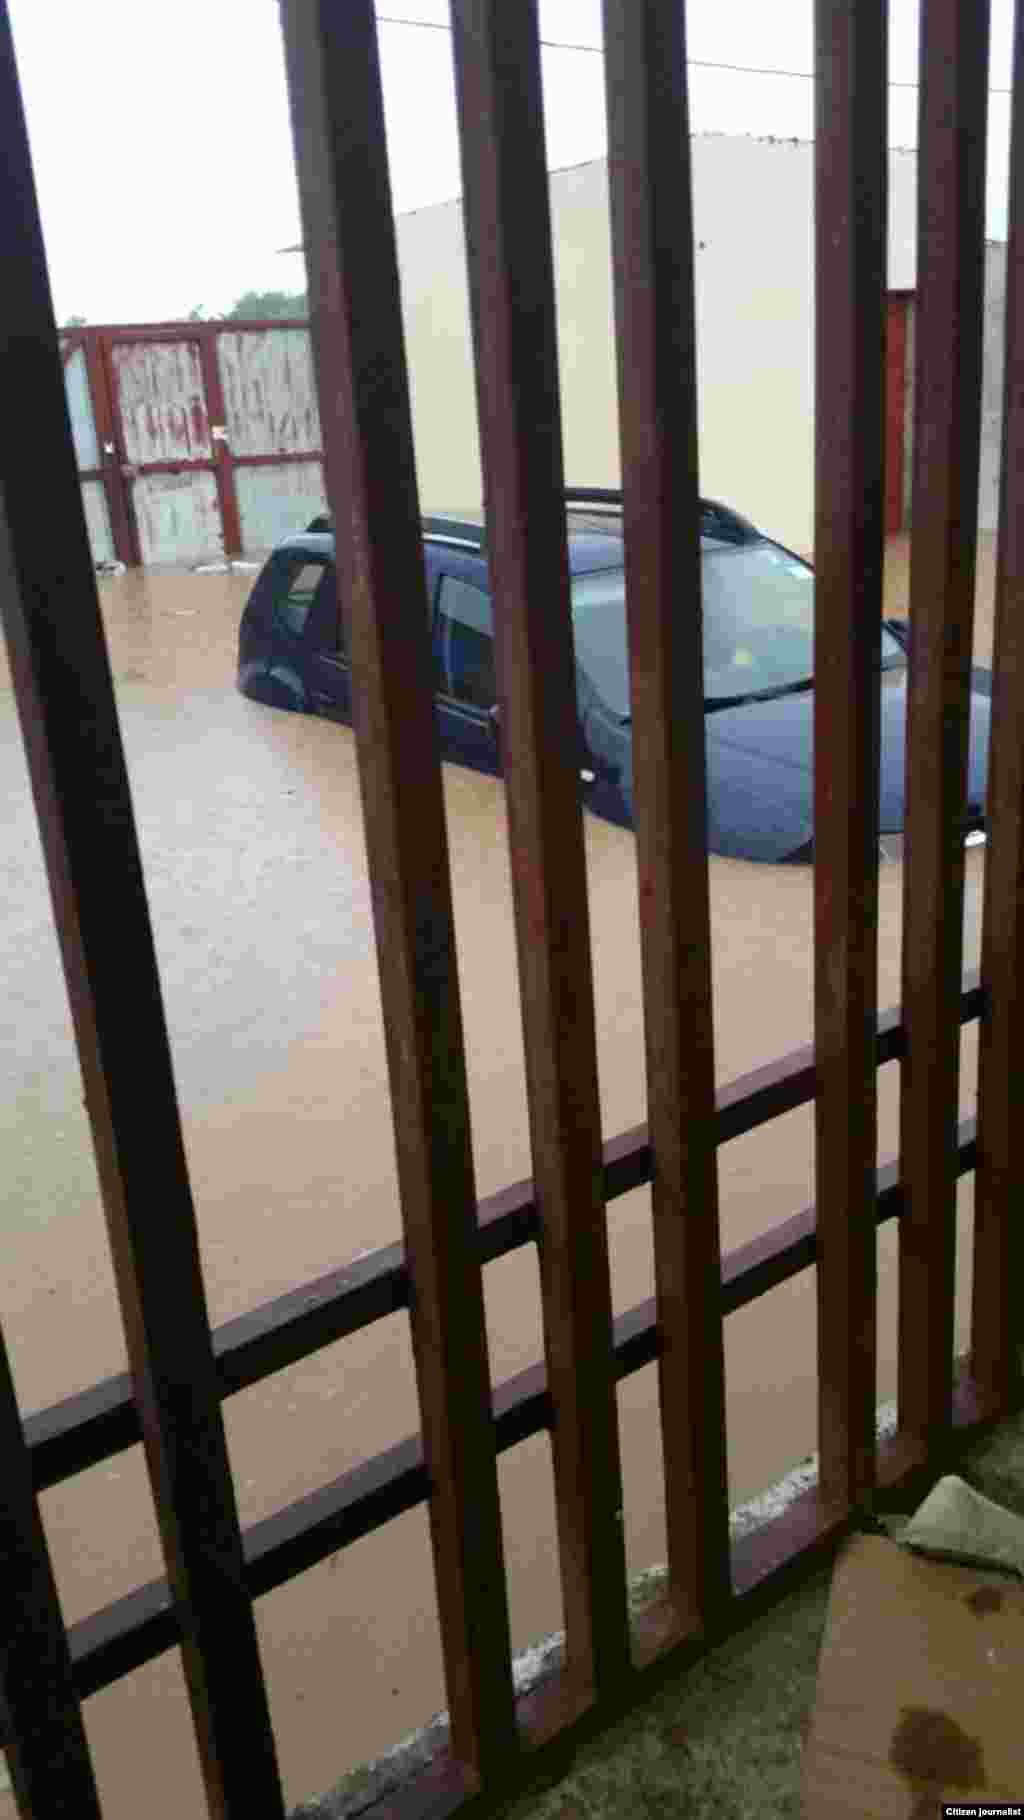 Carro submerso numa garagem de Luanda